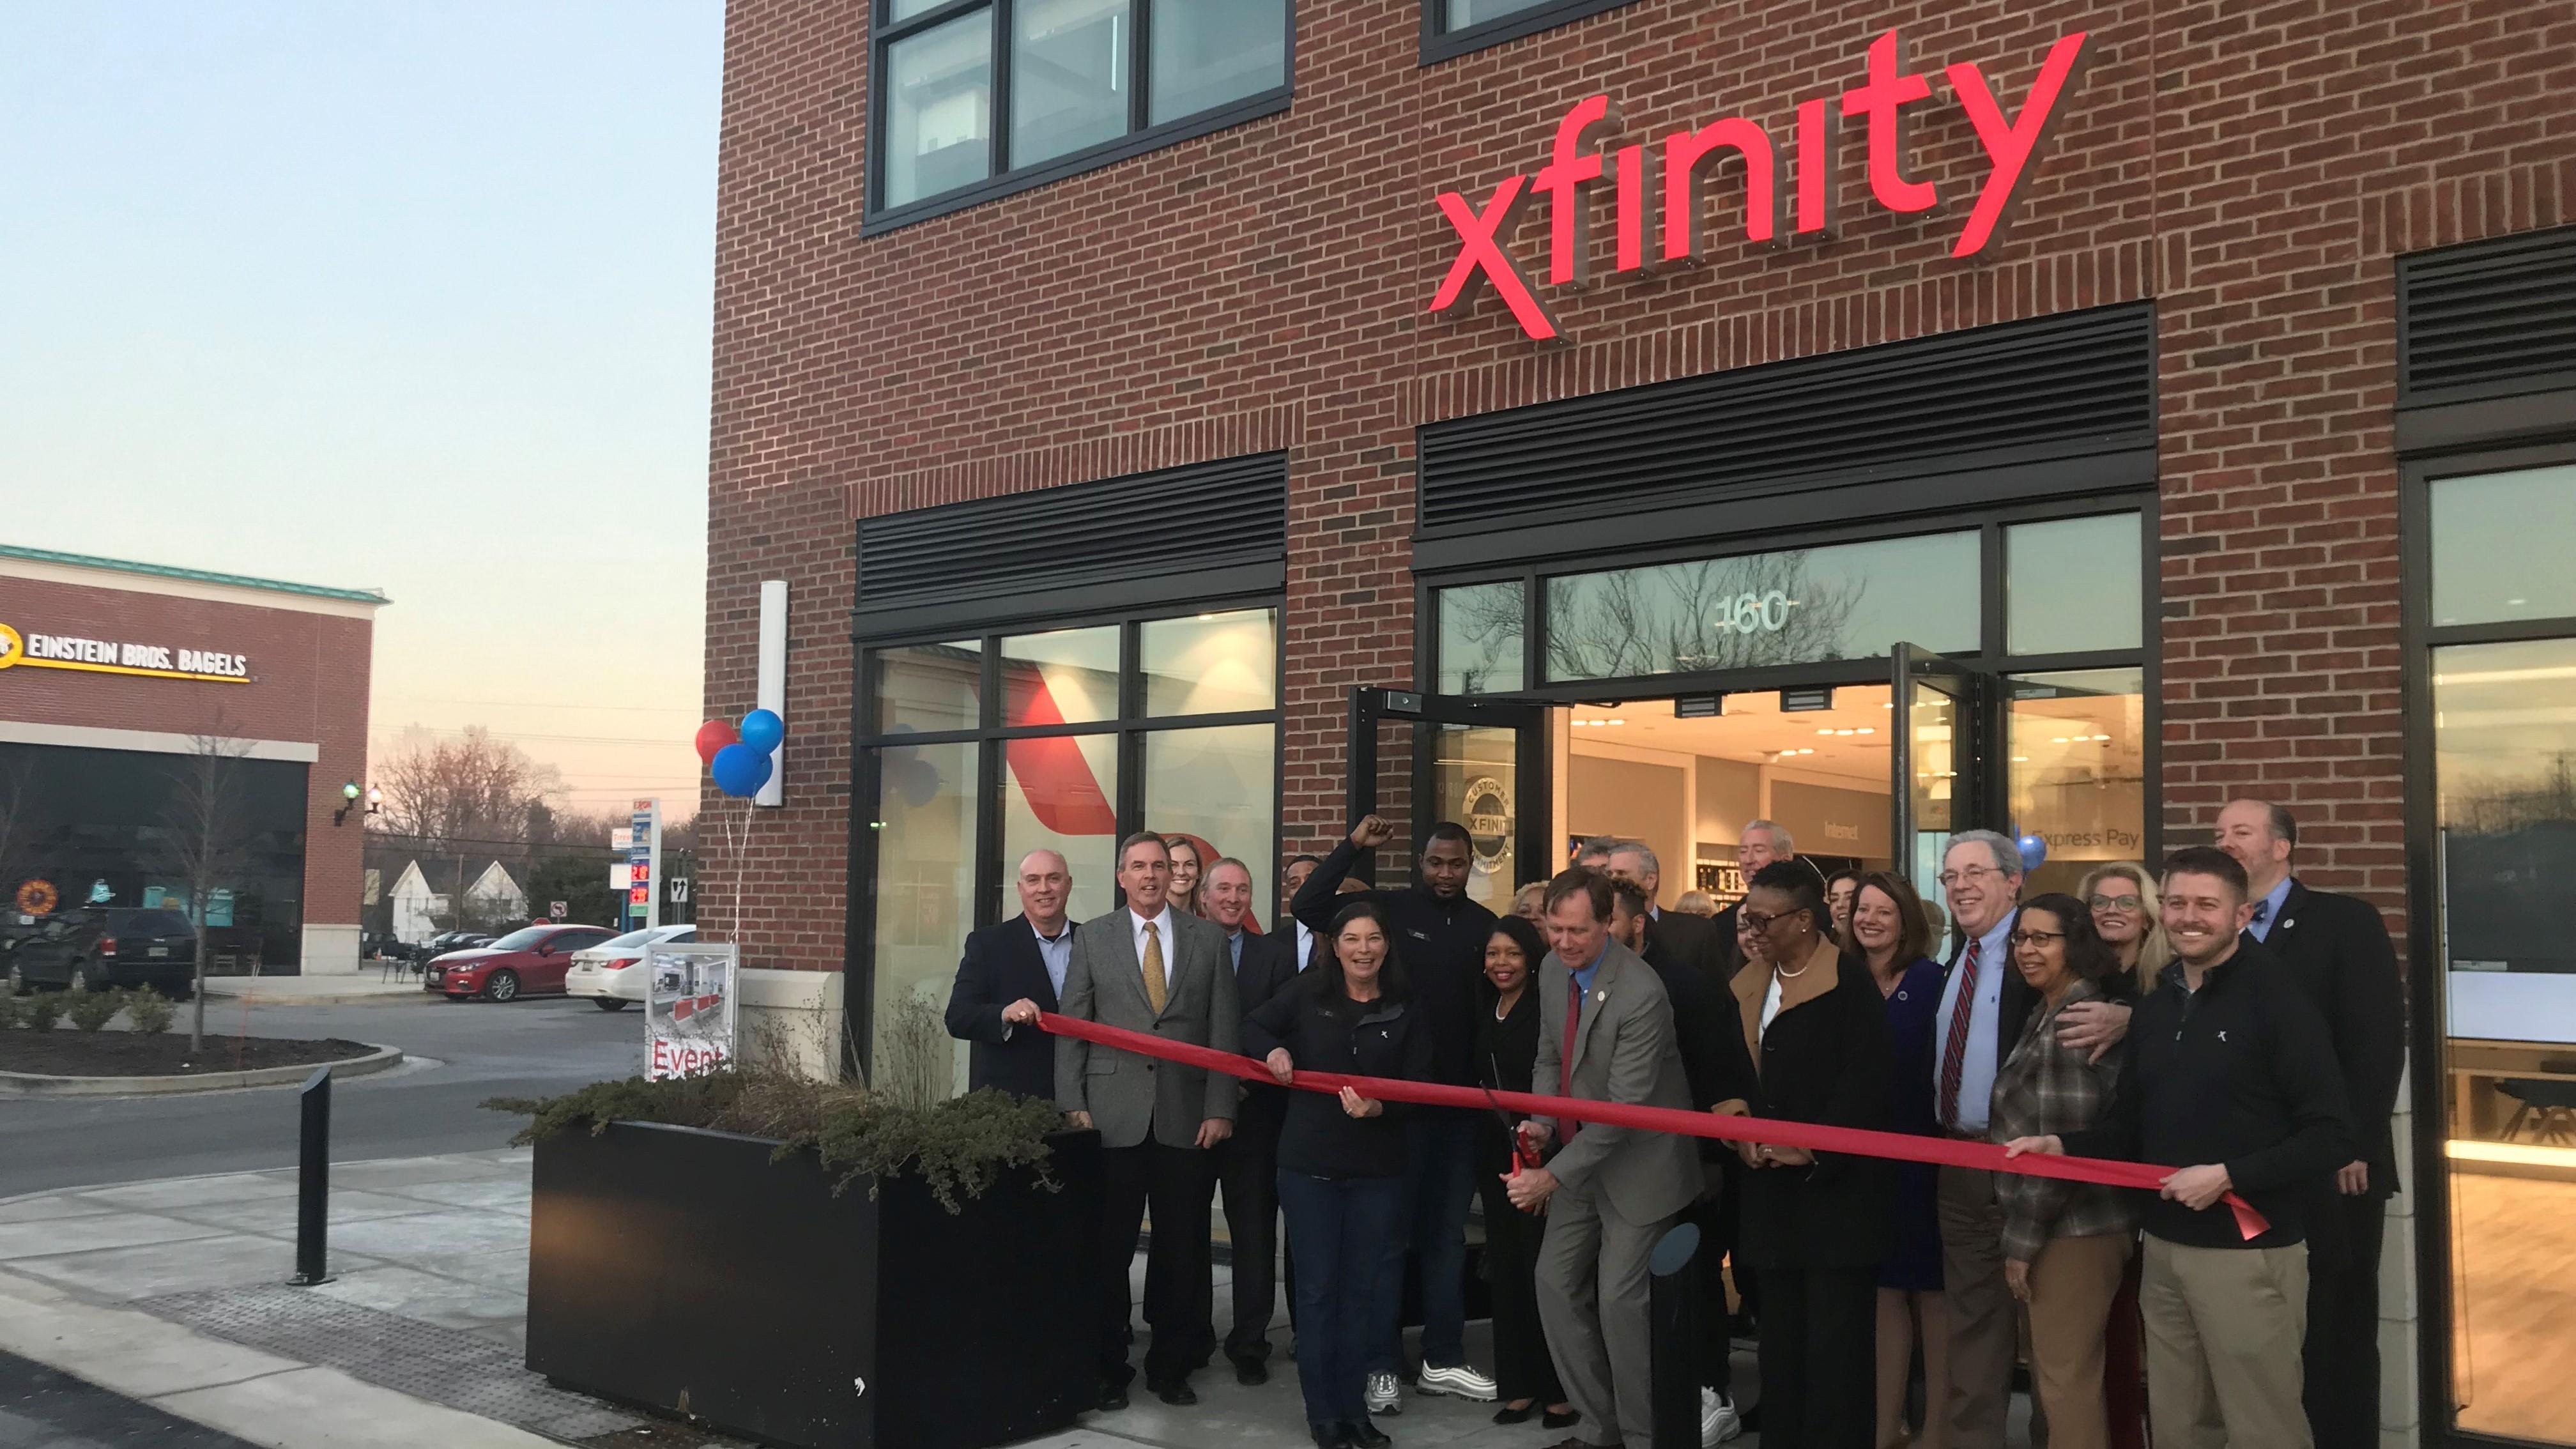 Annapolis Xfinity Store Exterior